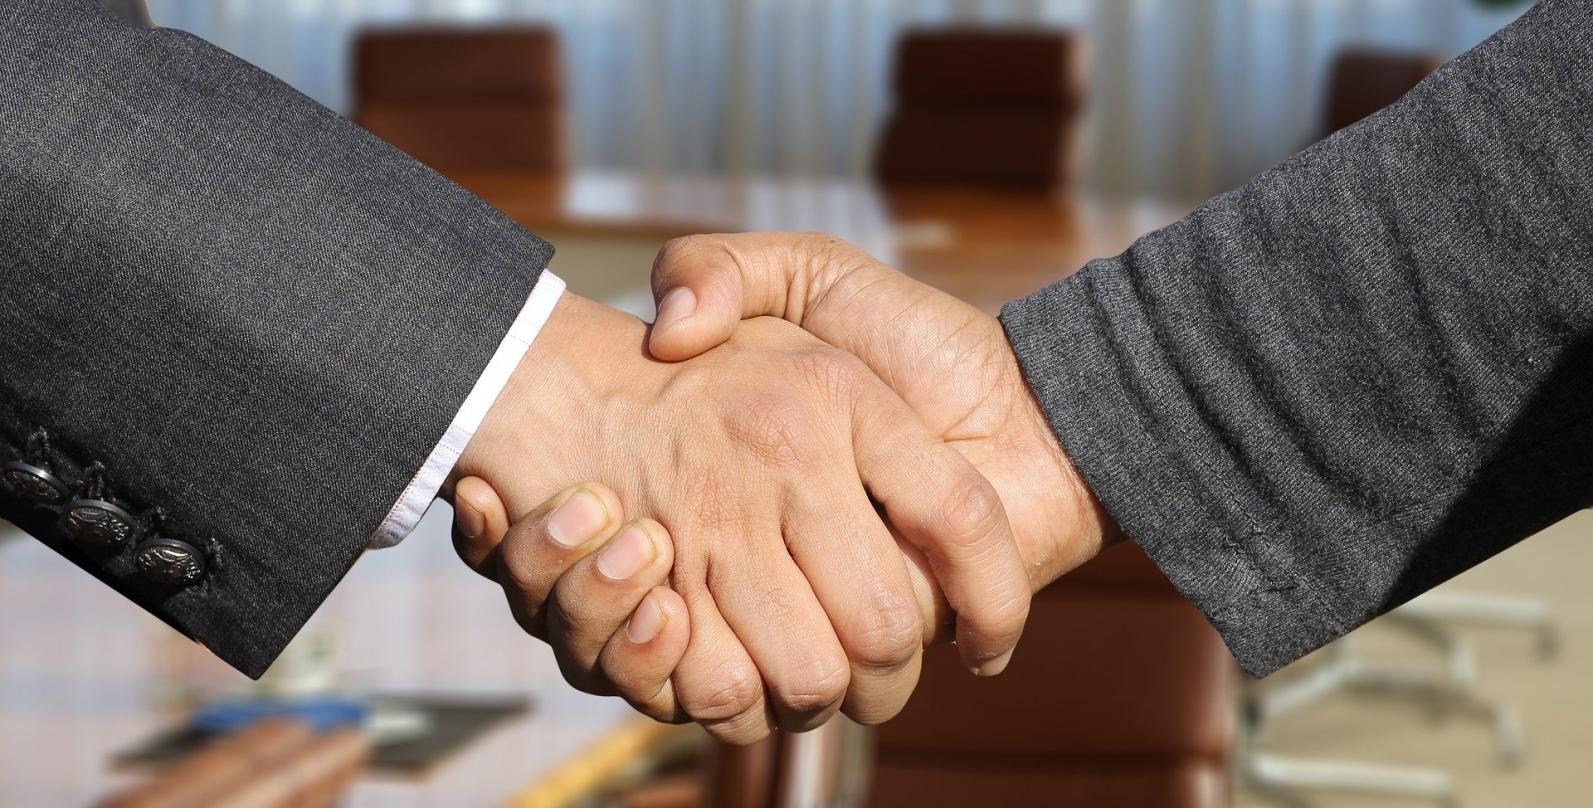 Procon-SP recomenda a negociação entre empresa e cliente na crise do coronavírus